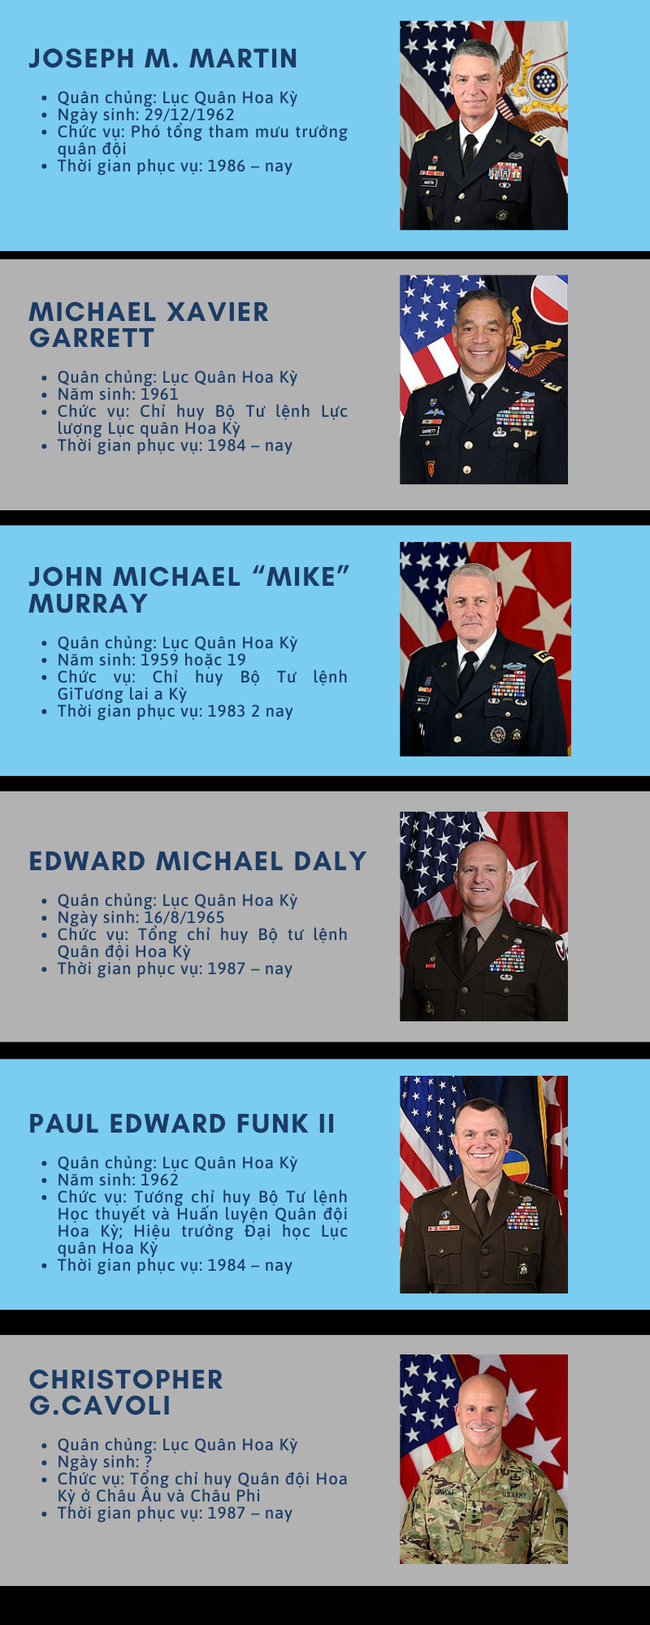 43 vị tướng 4 sao của Mỹ hiện nay là ai? - Ảnh 4.